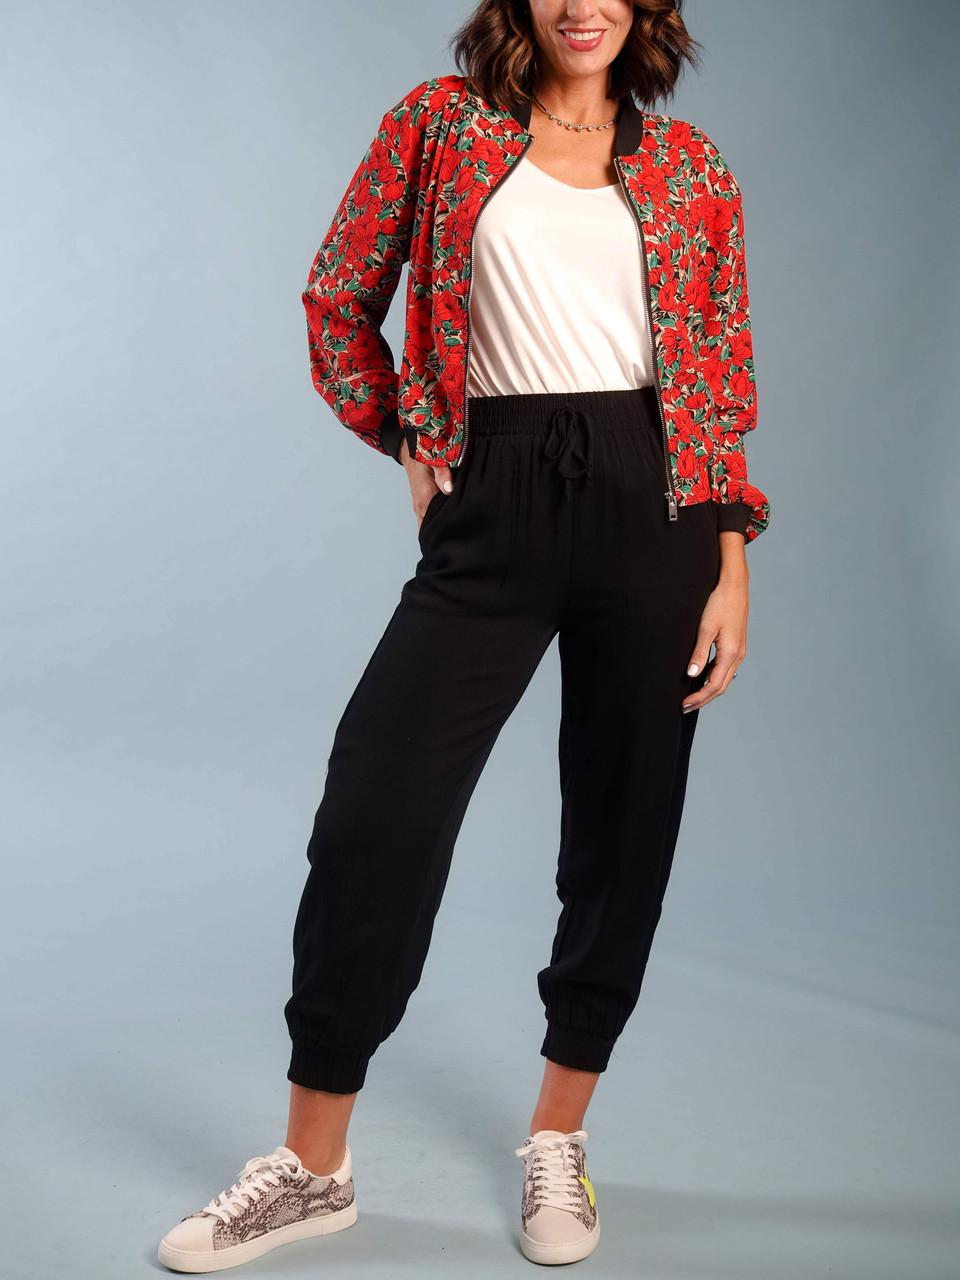 red floral bomber jacket lightweight